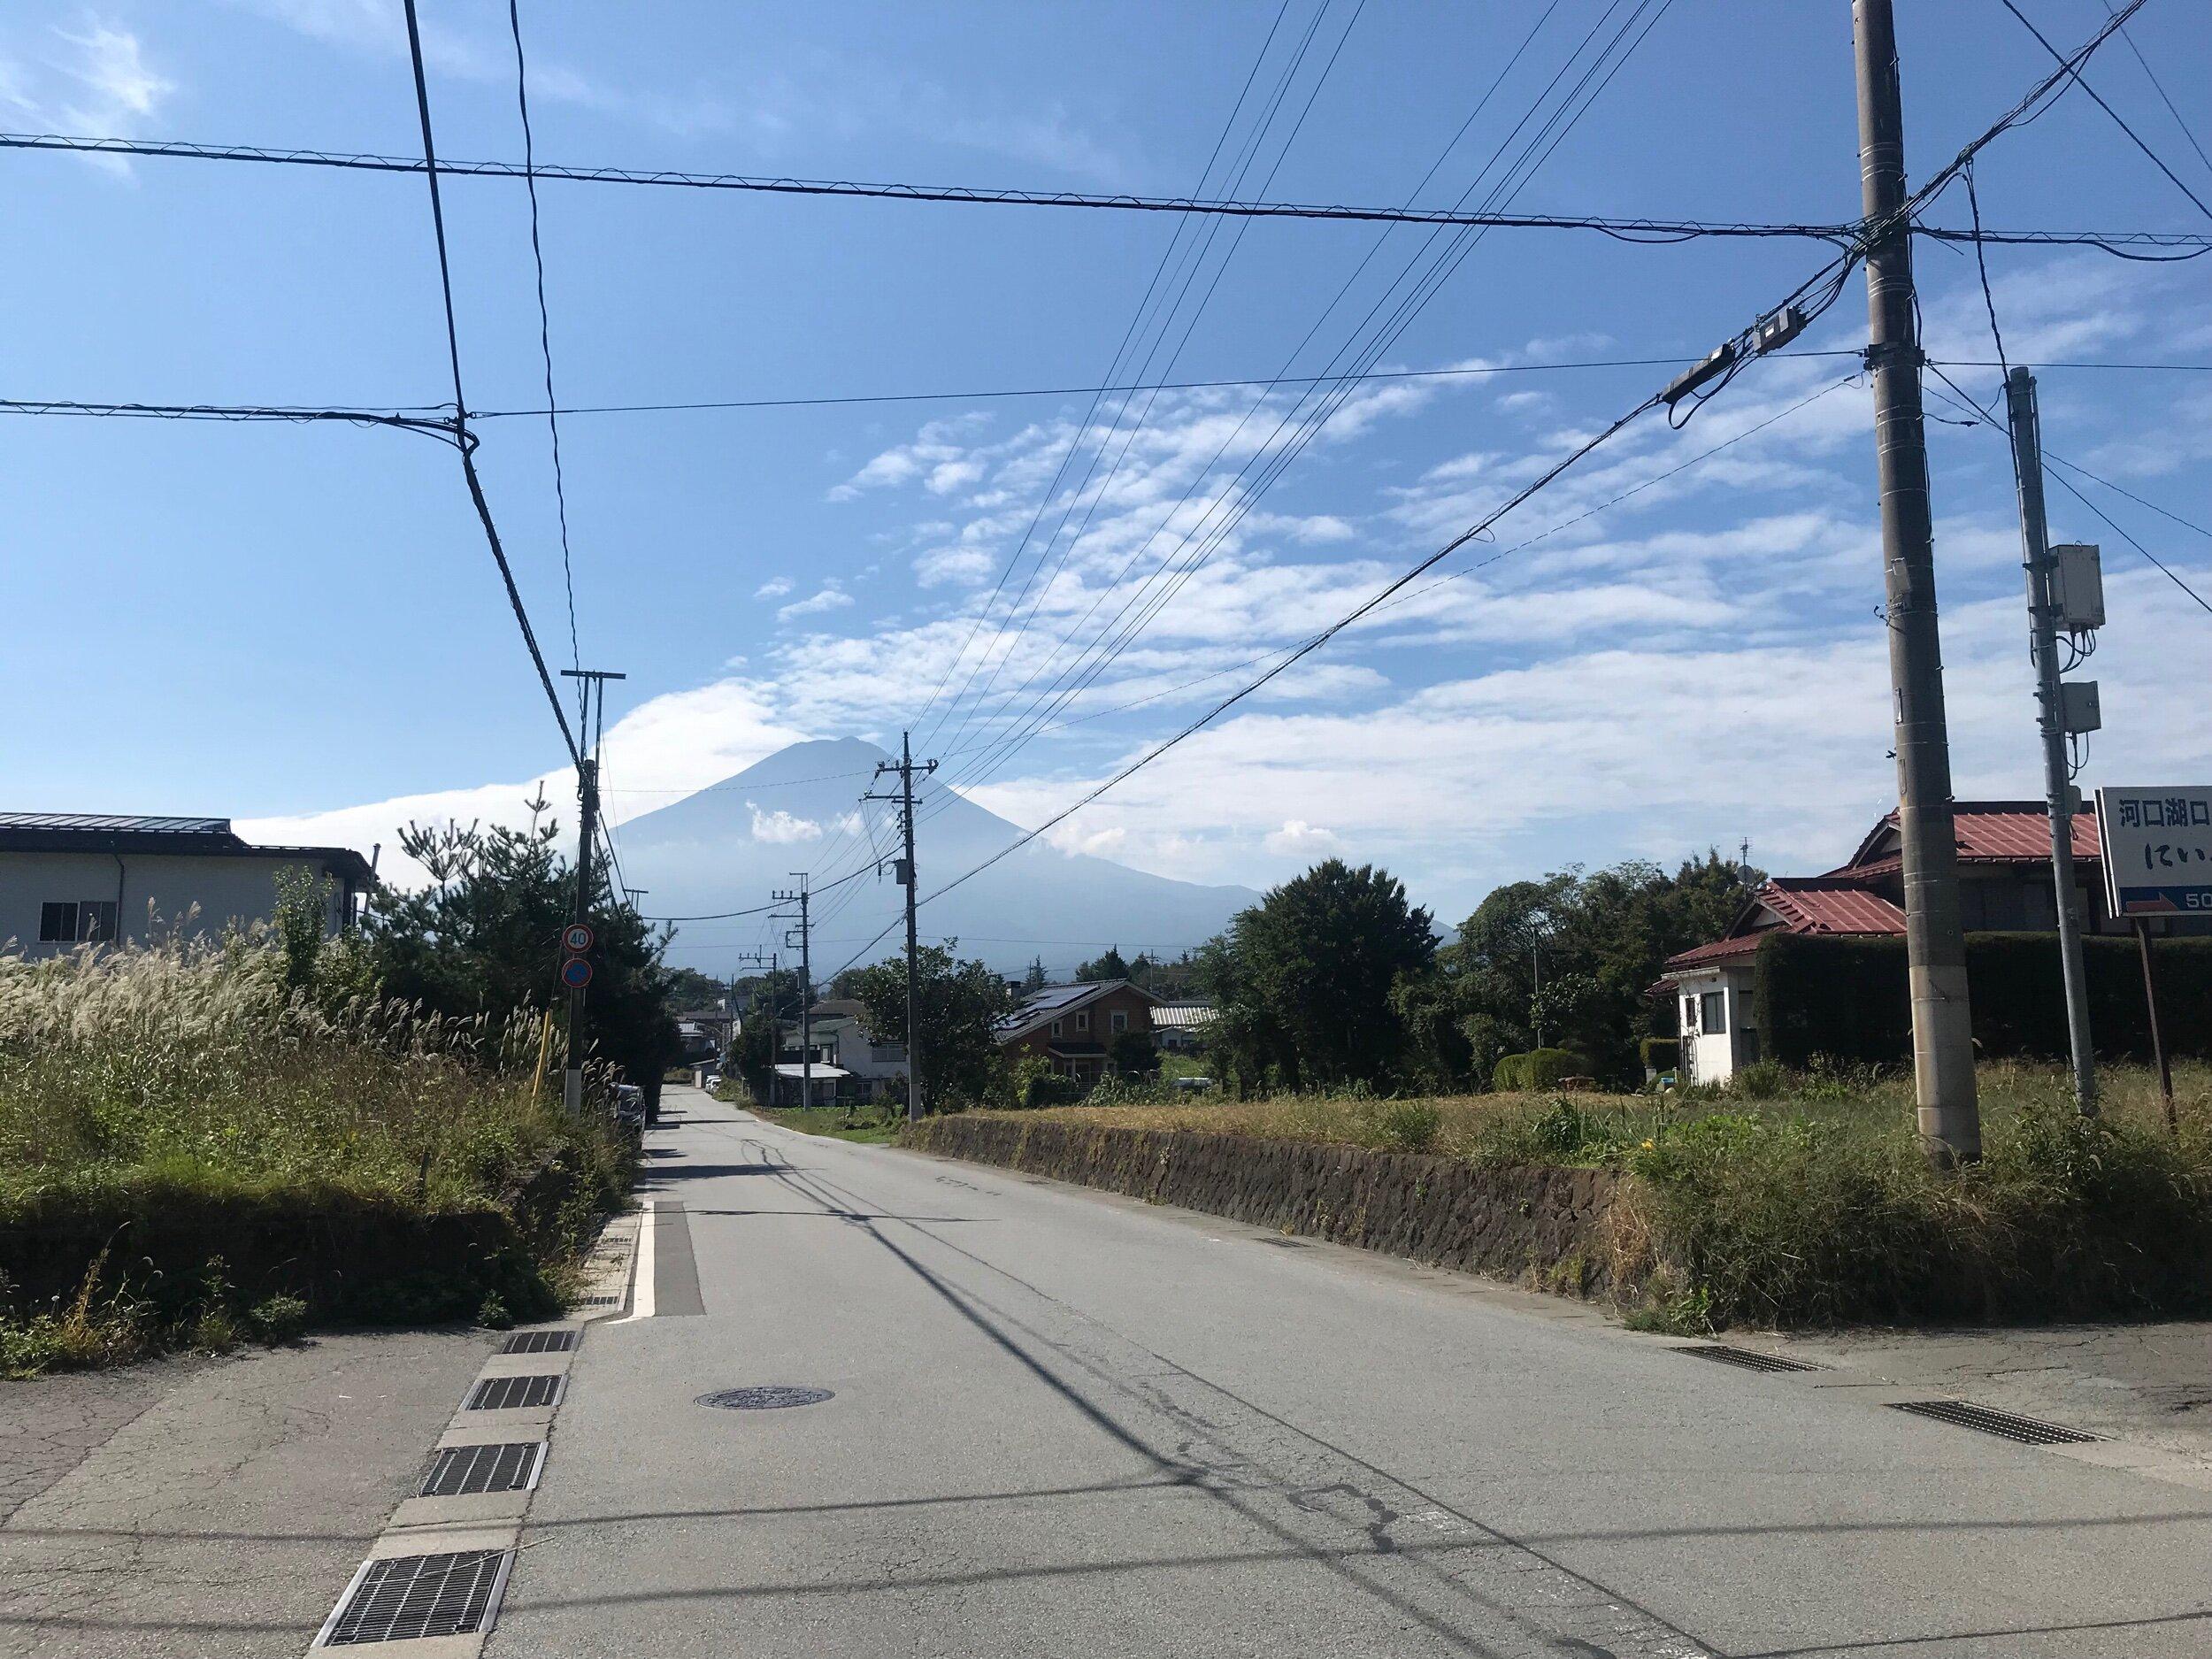 The elusive 'Mount Fuji'